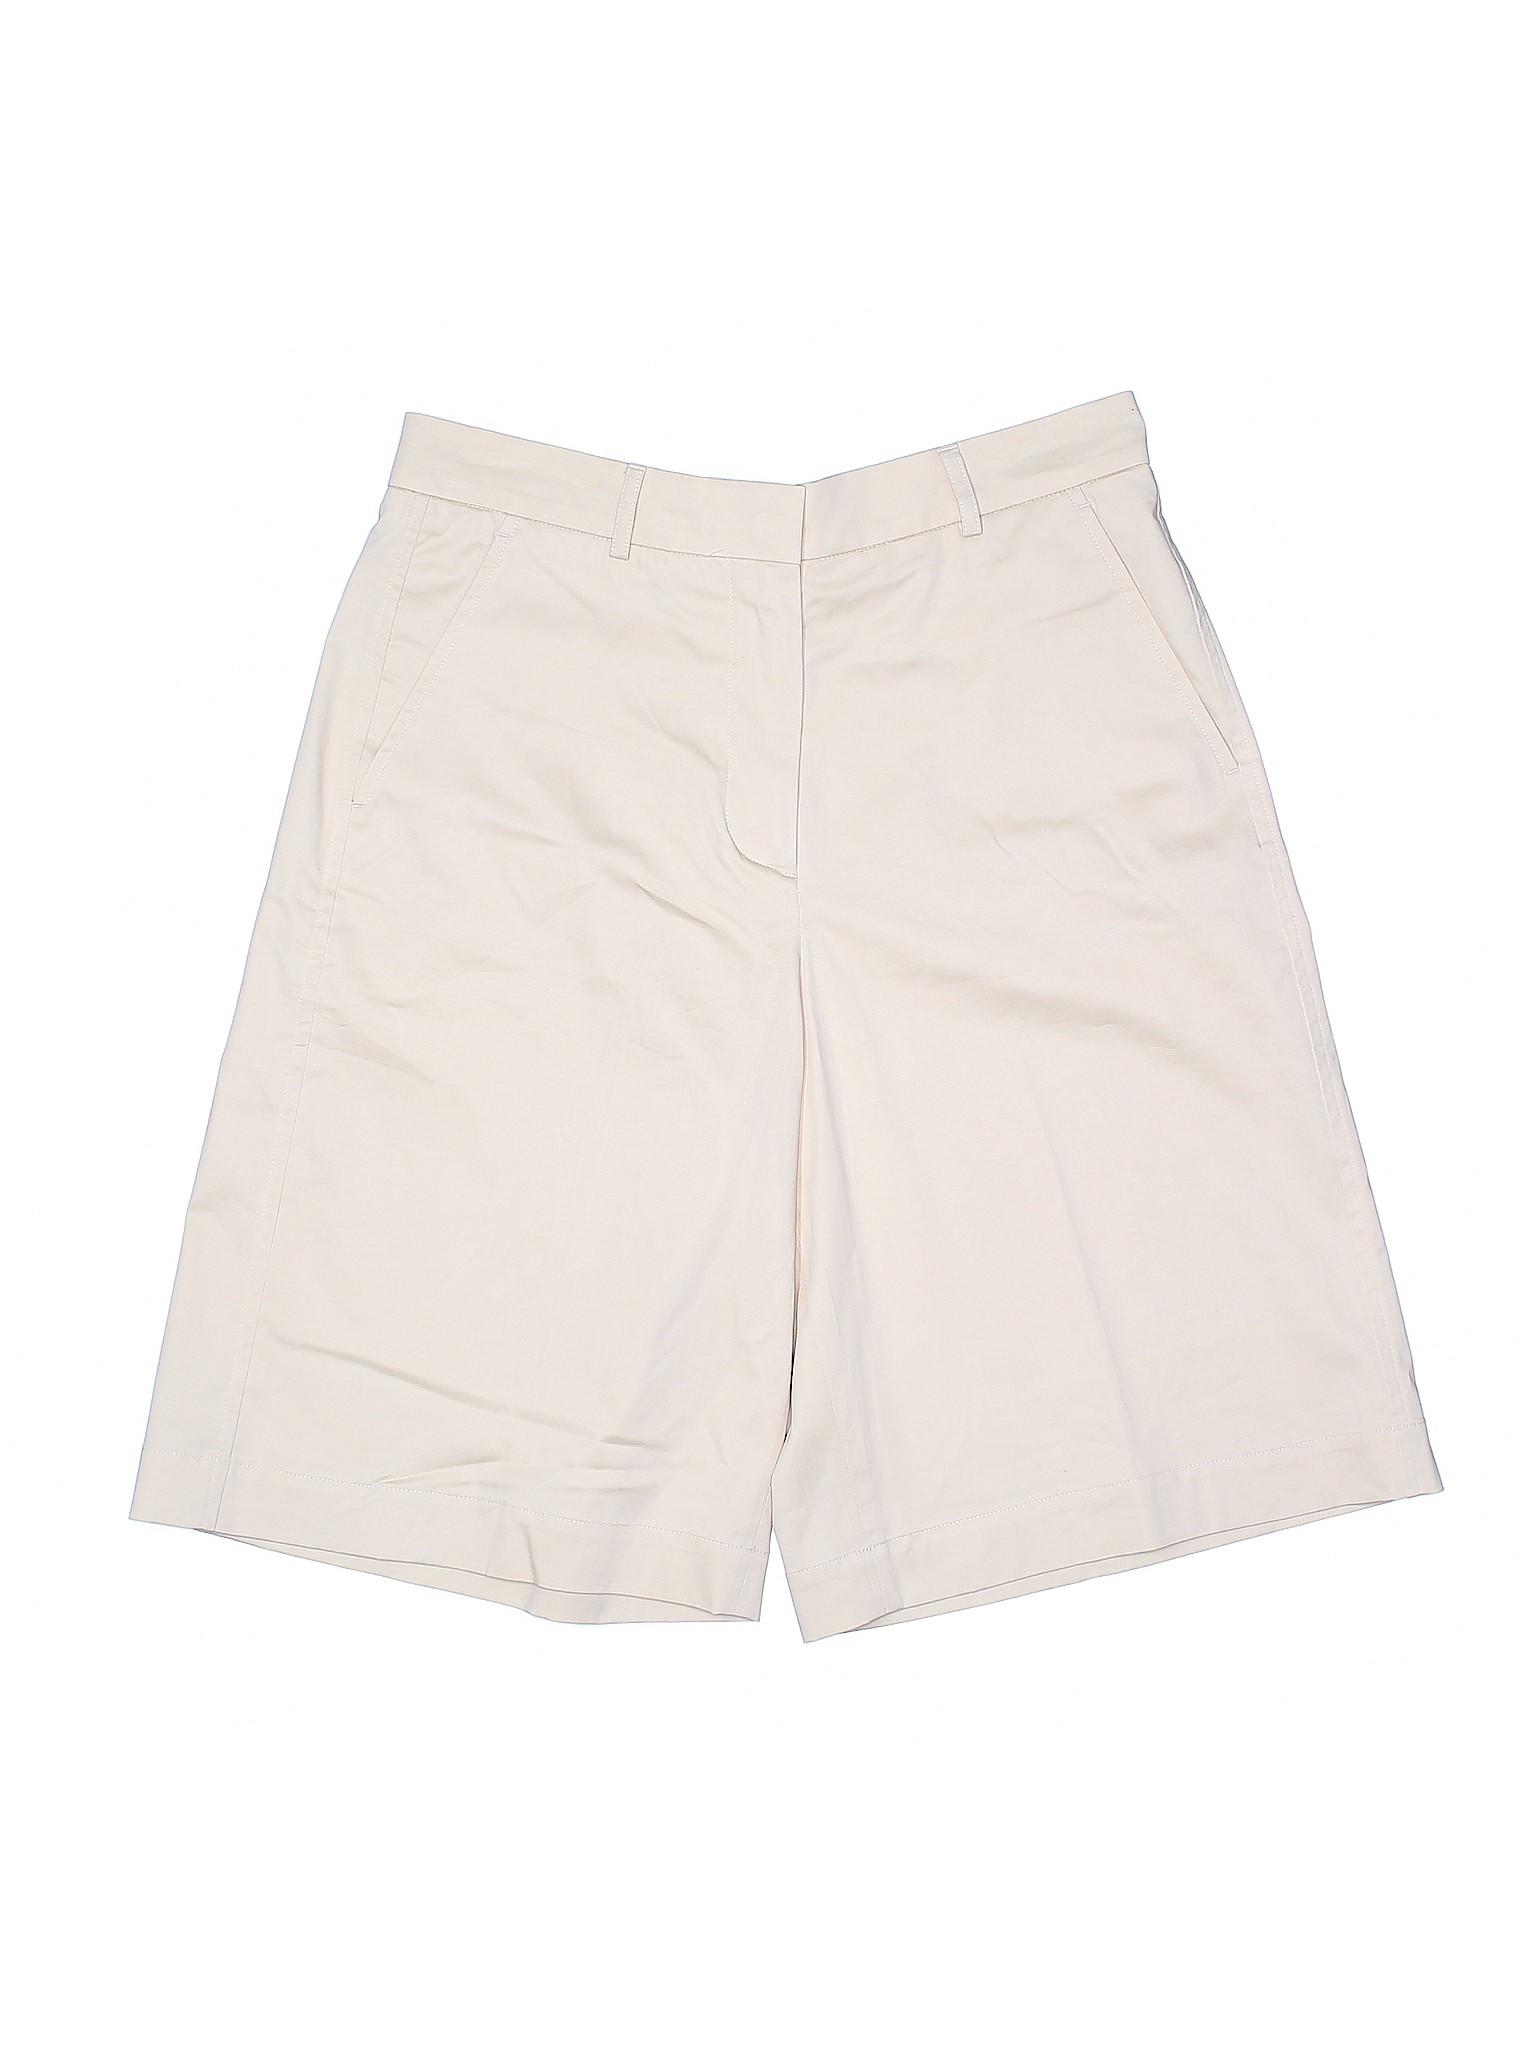 Dressy Boutique Boutique Giorgio Shorts Armani Giorgio HOI5wq